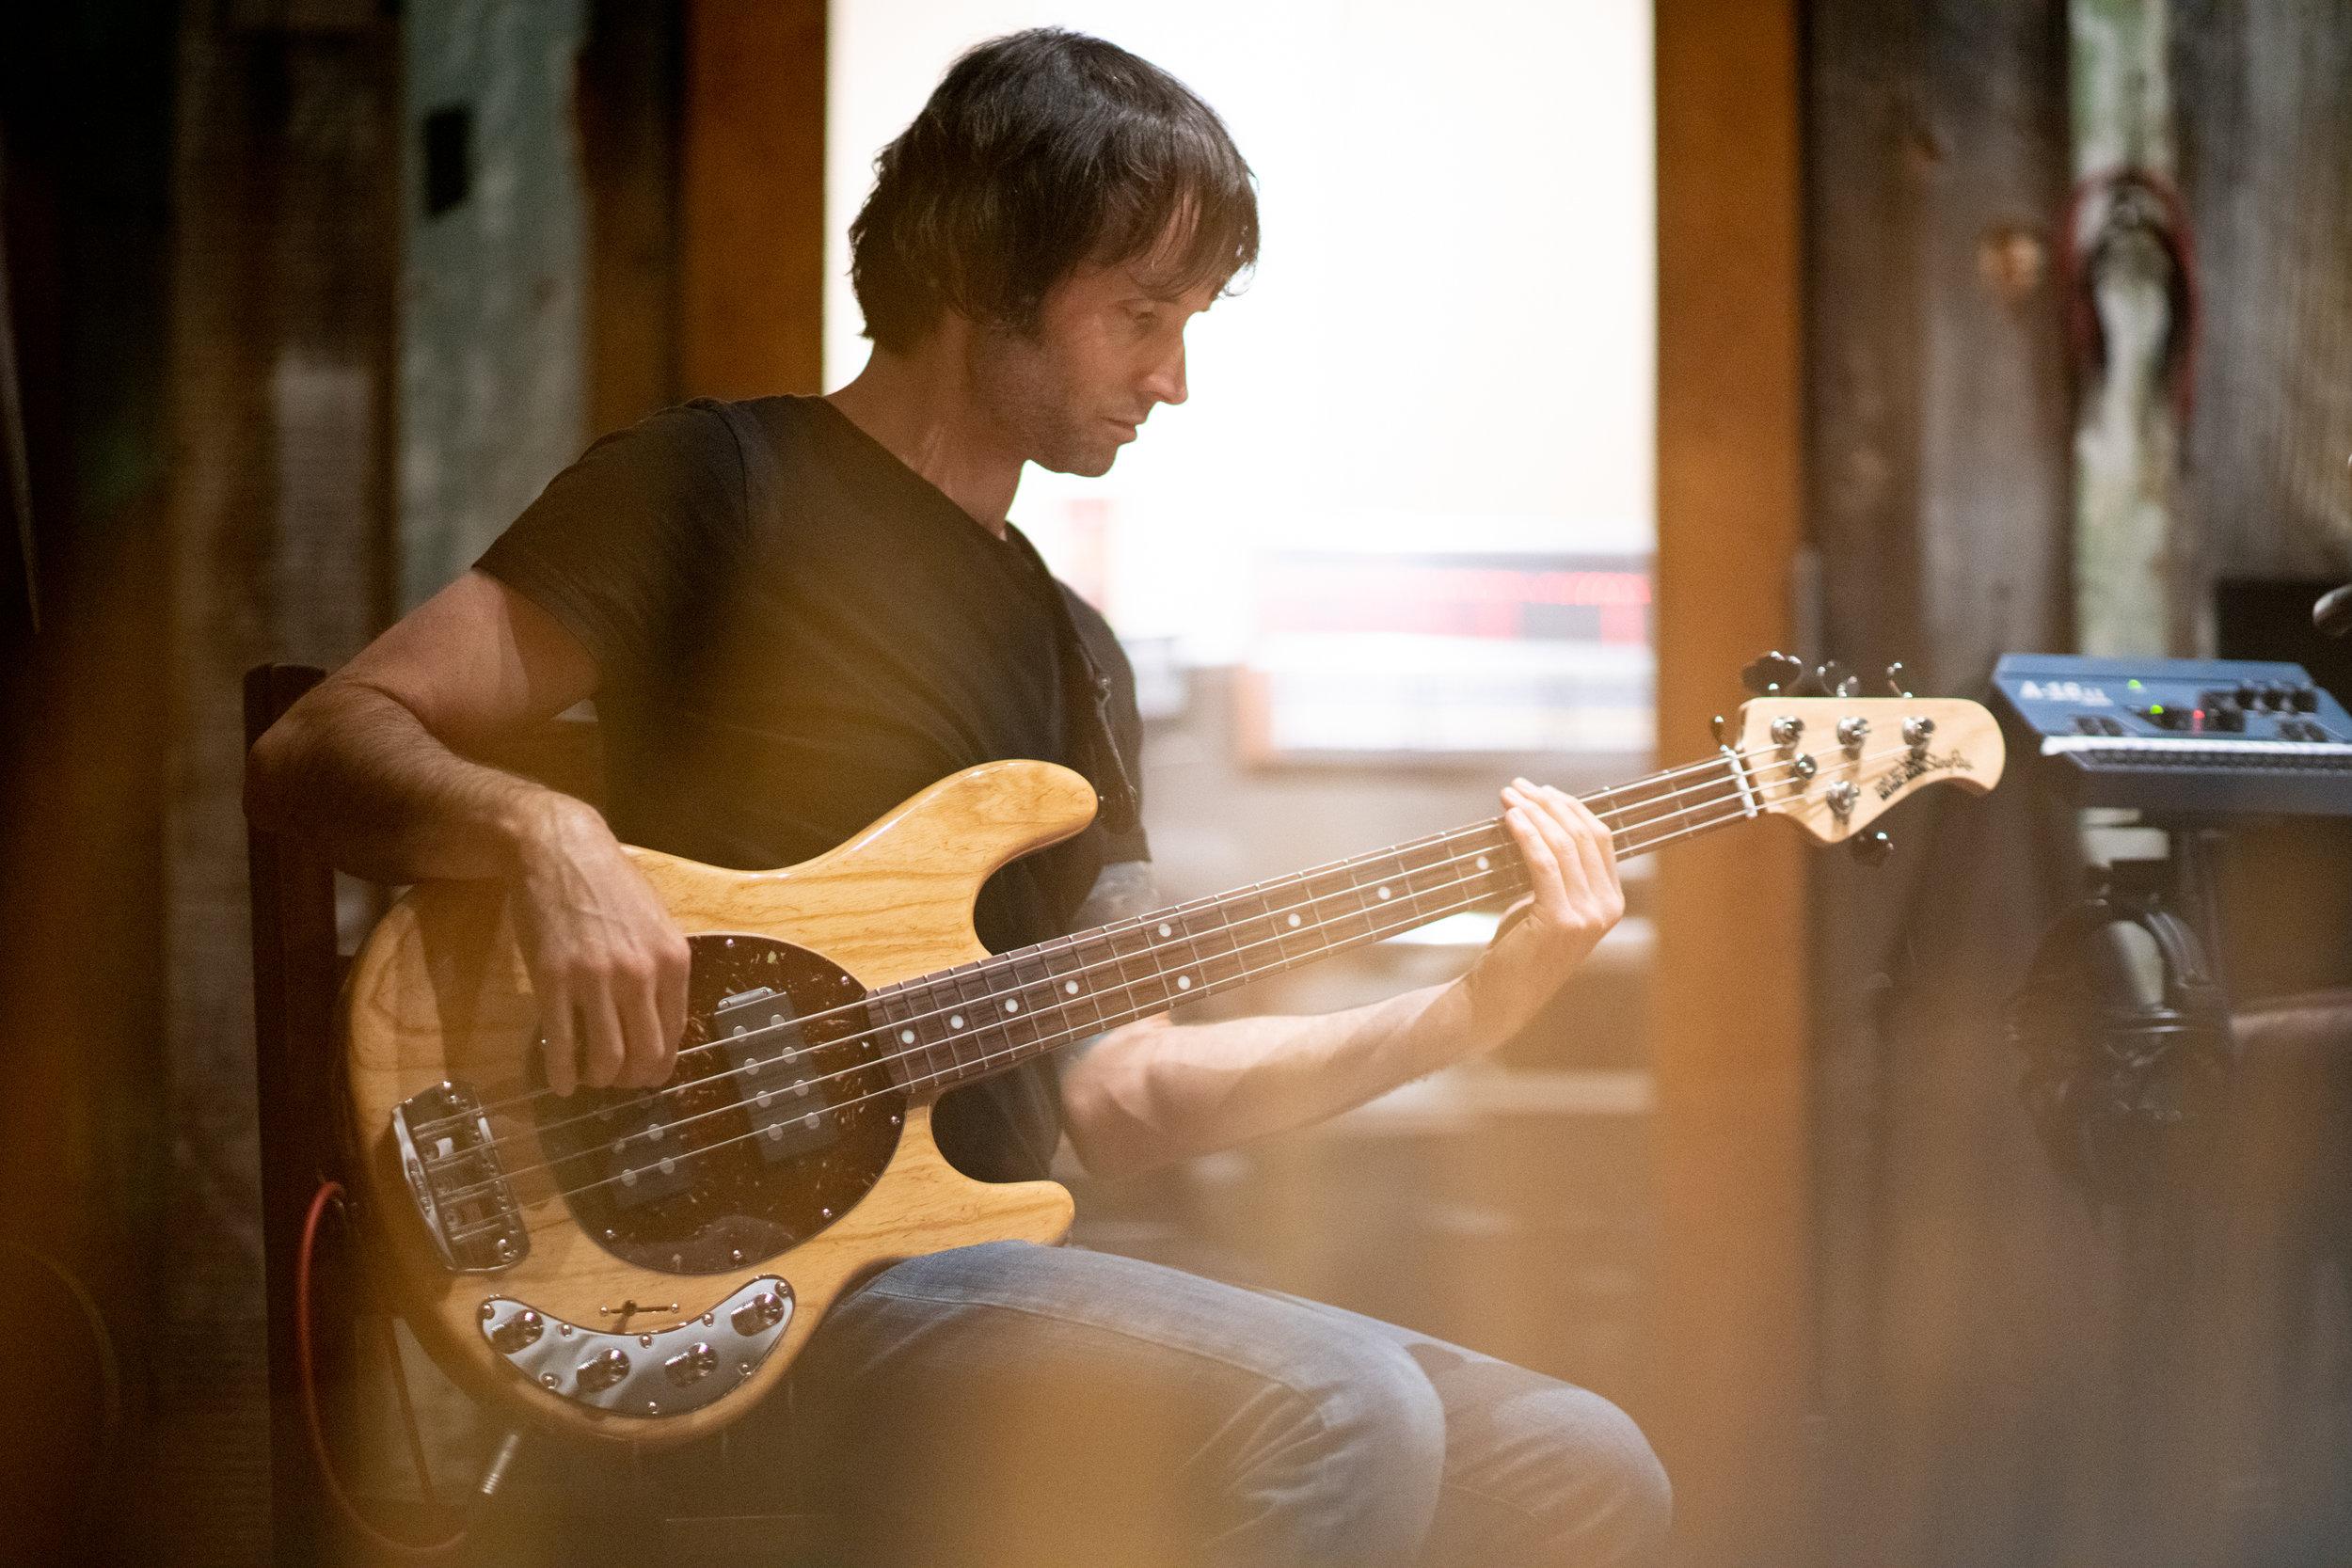 chris collins - bass guitar